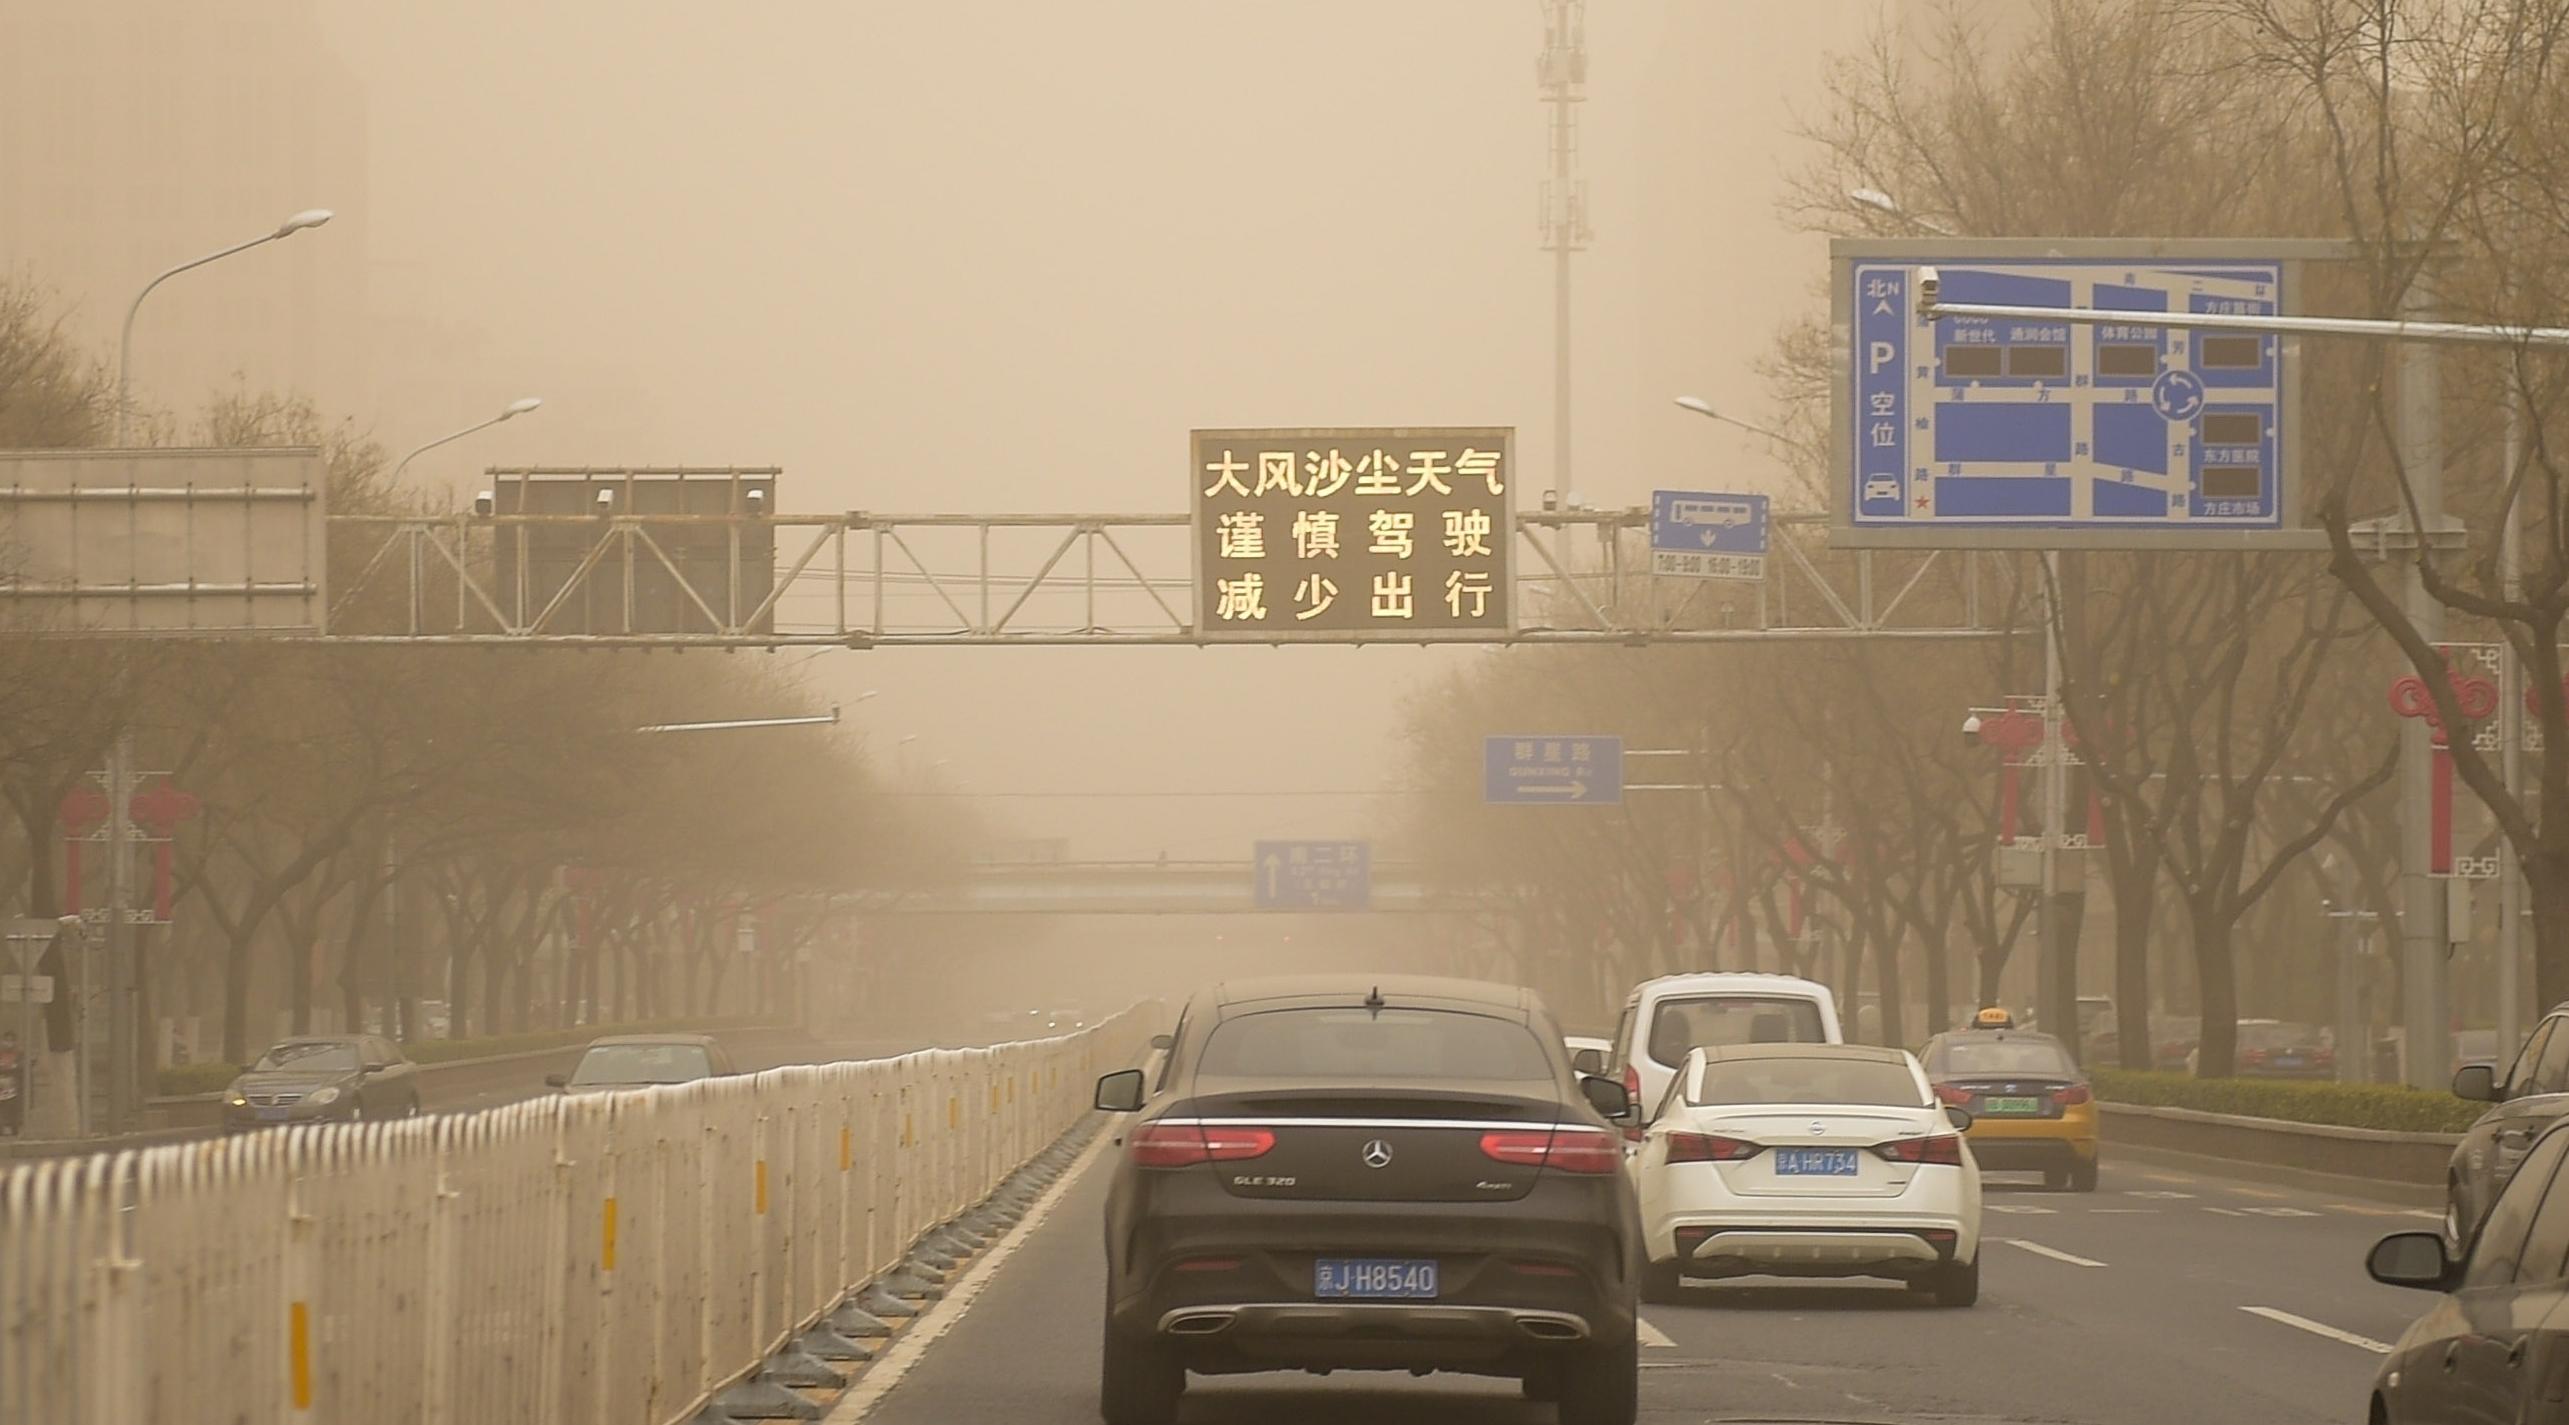 大风沙尘天,今年为何多?国家气候中心释疑